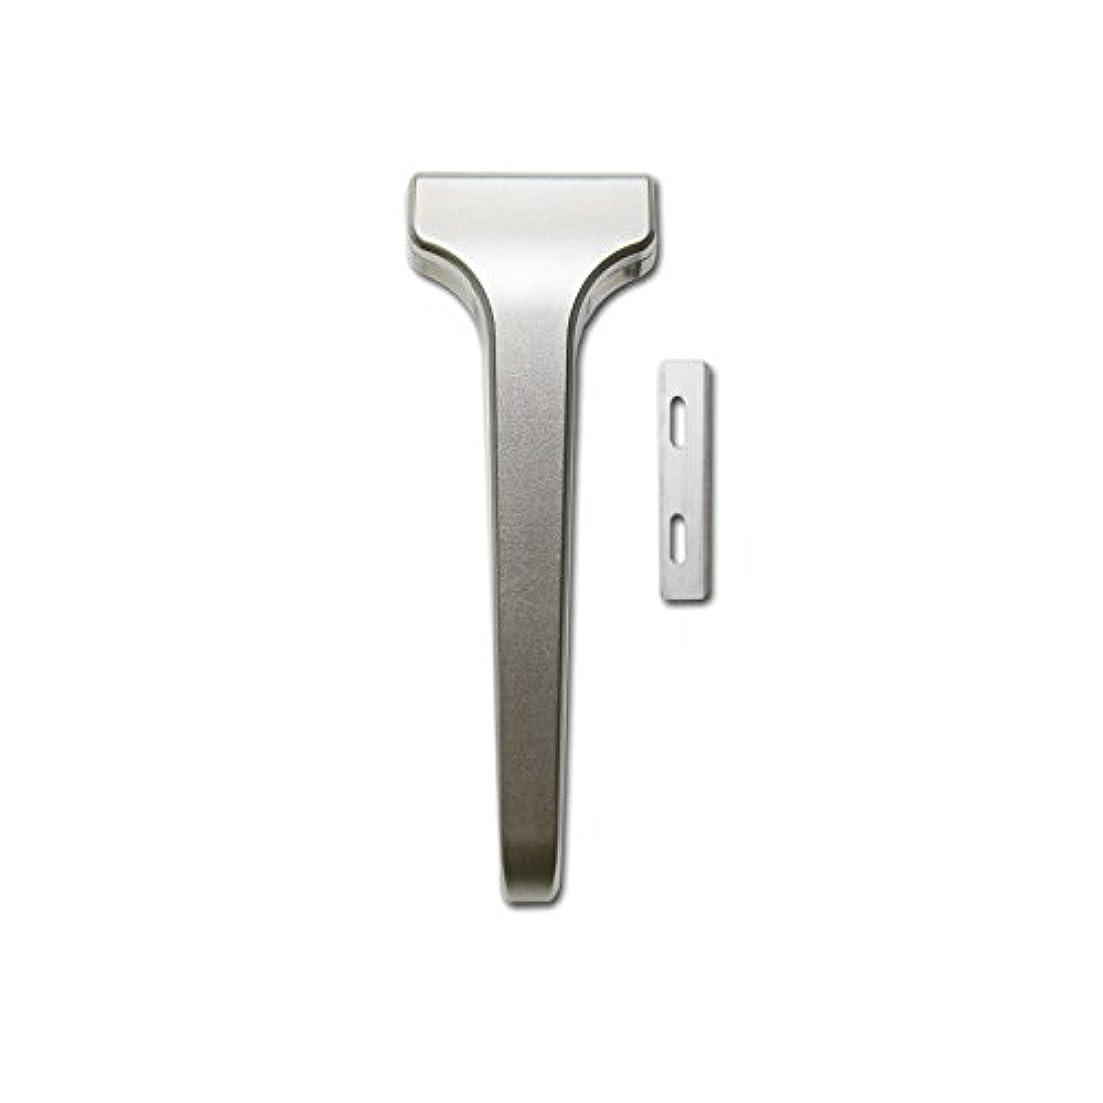 処分した標準大聖堂SUPPLY The Single Edge 2.0 片刃カミソリ 剃刀 インジェクター刃互換 (クラシックマット, 本体+替刃 20枚付)